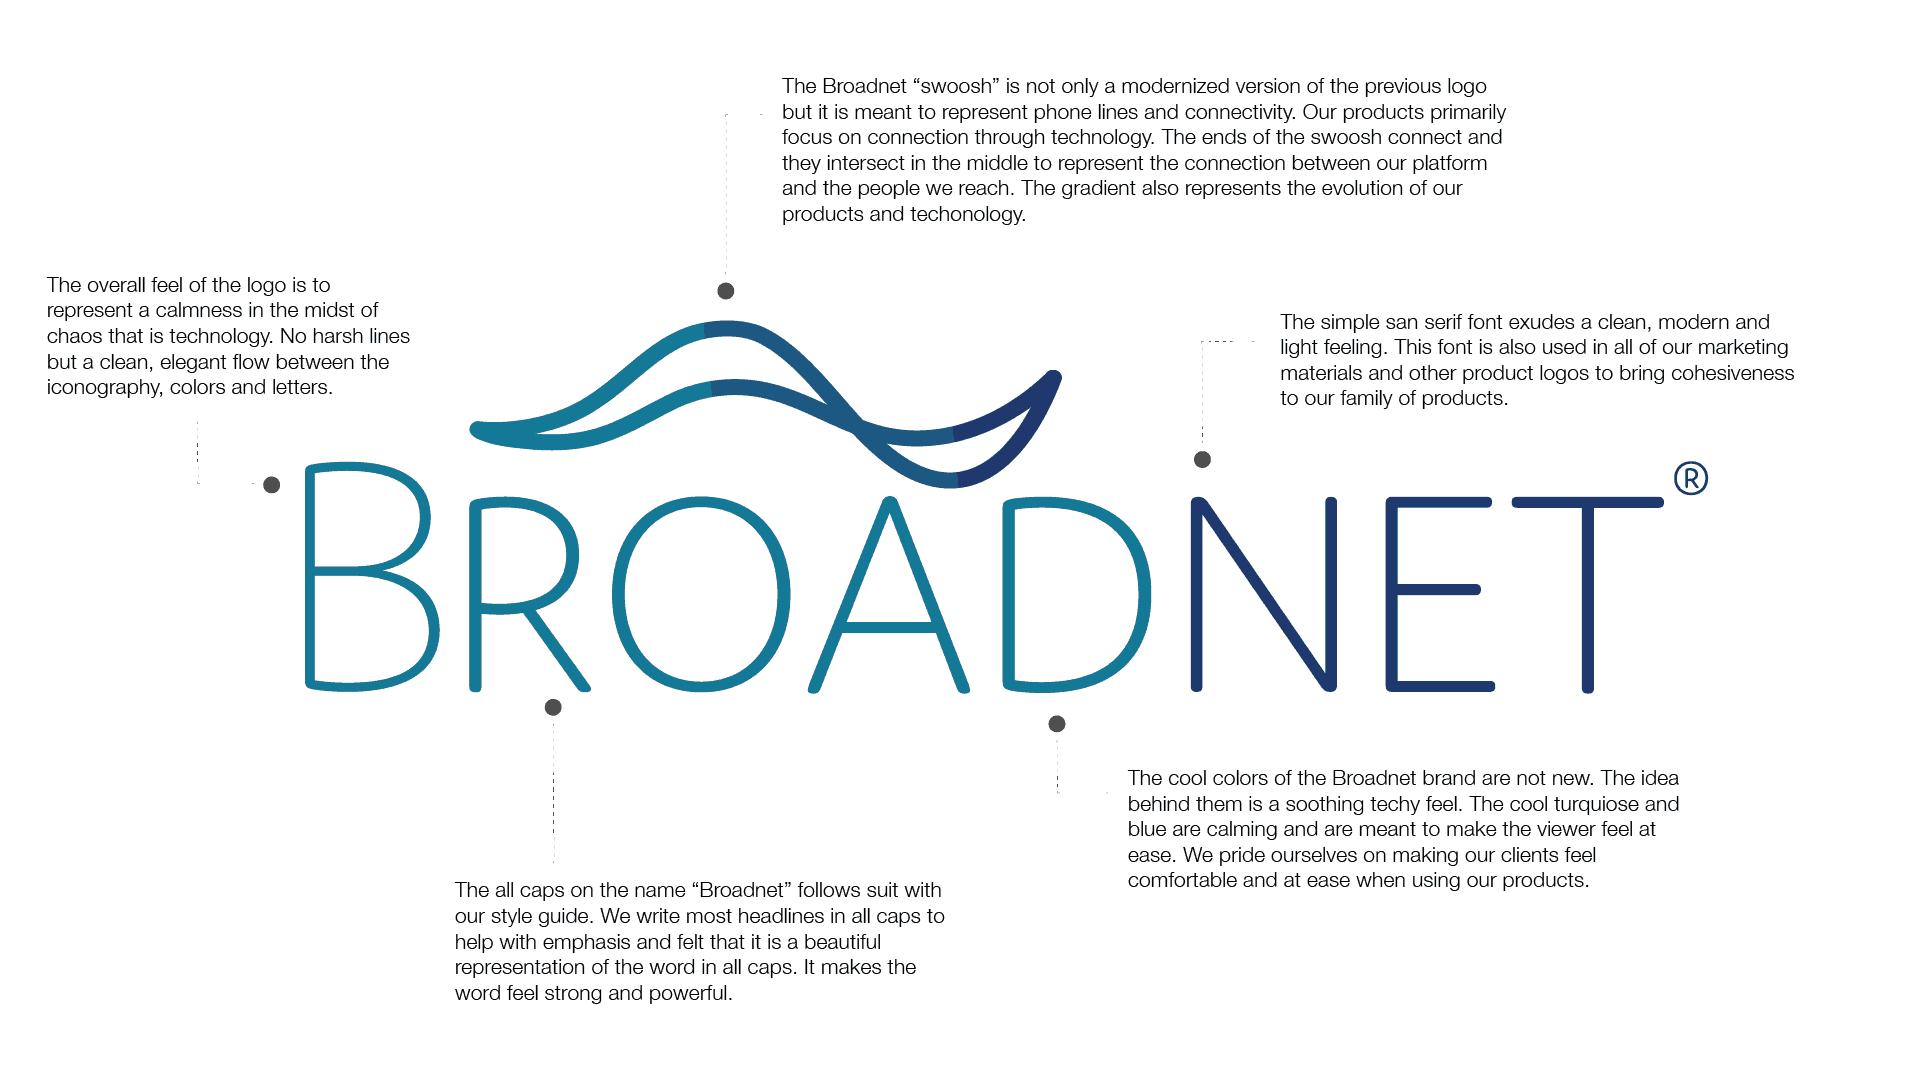 broadnet_logo_explaination-01